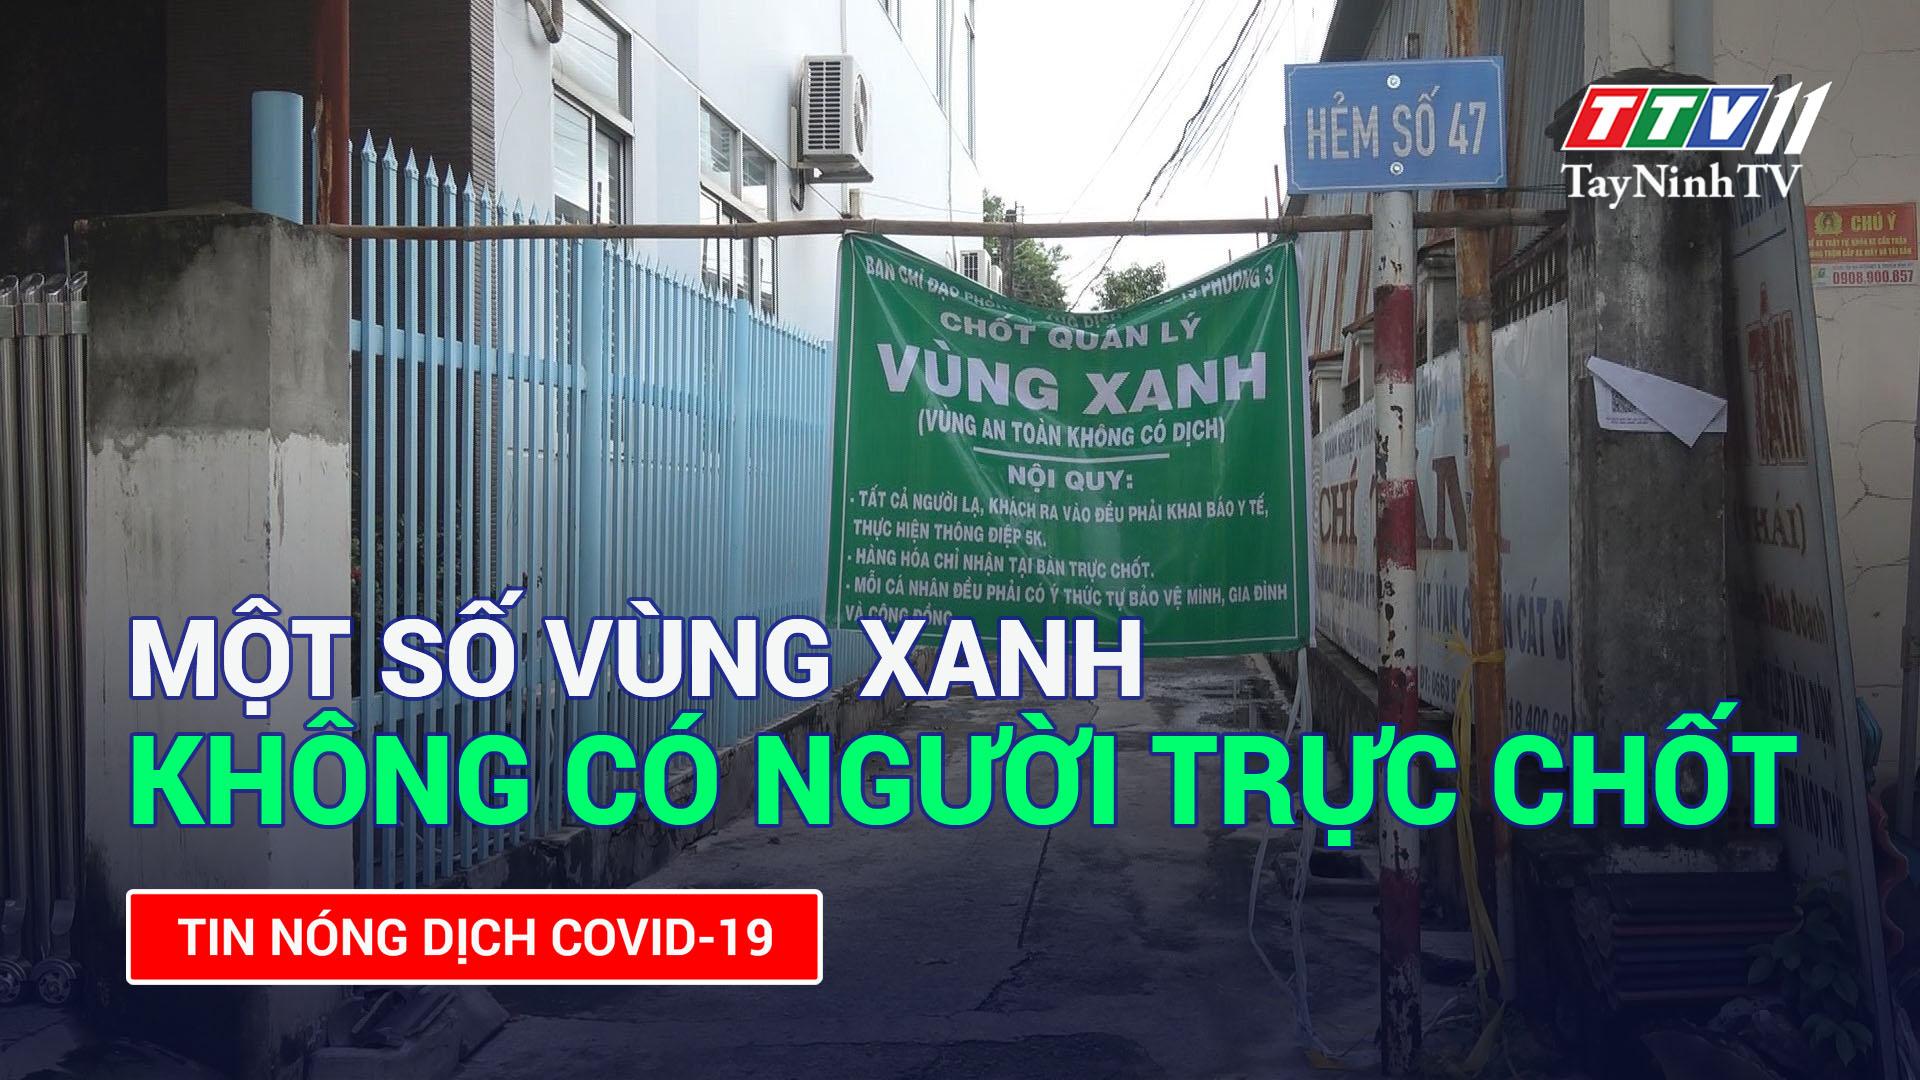 Một số vùng xanh không có người trực chốt | TayNinhTV